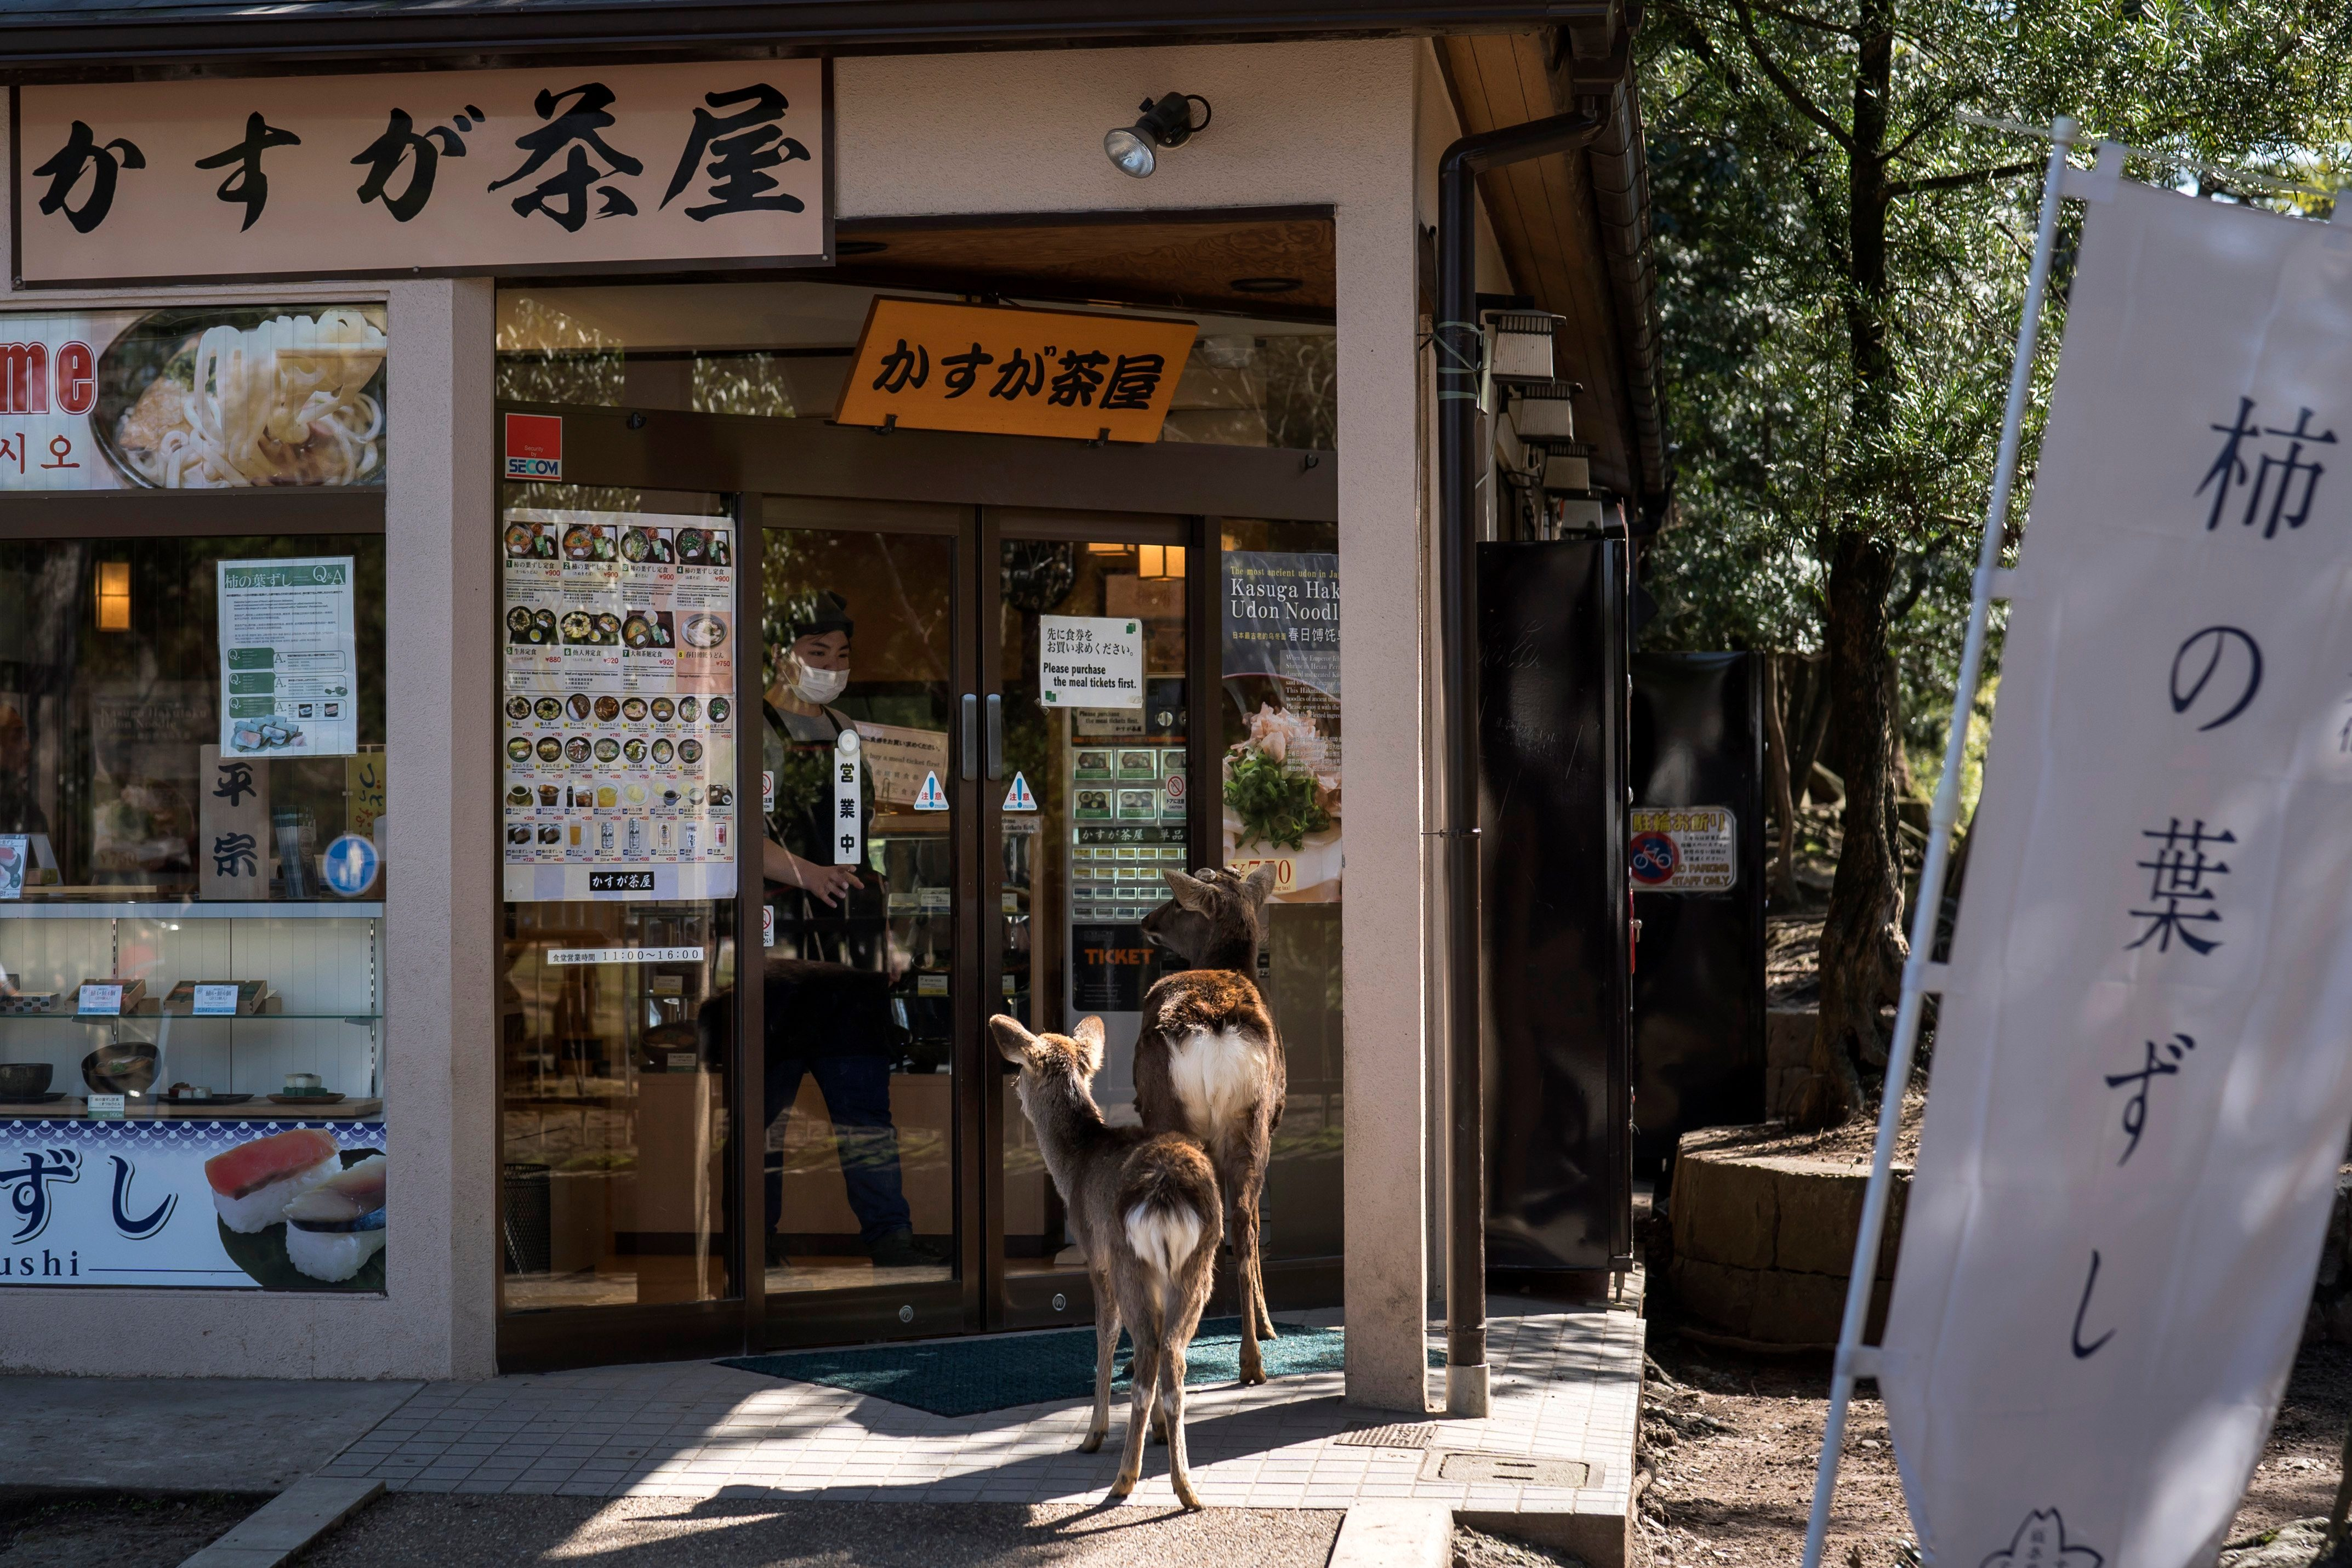 Deer on a street in Nara, Japan